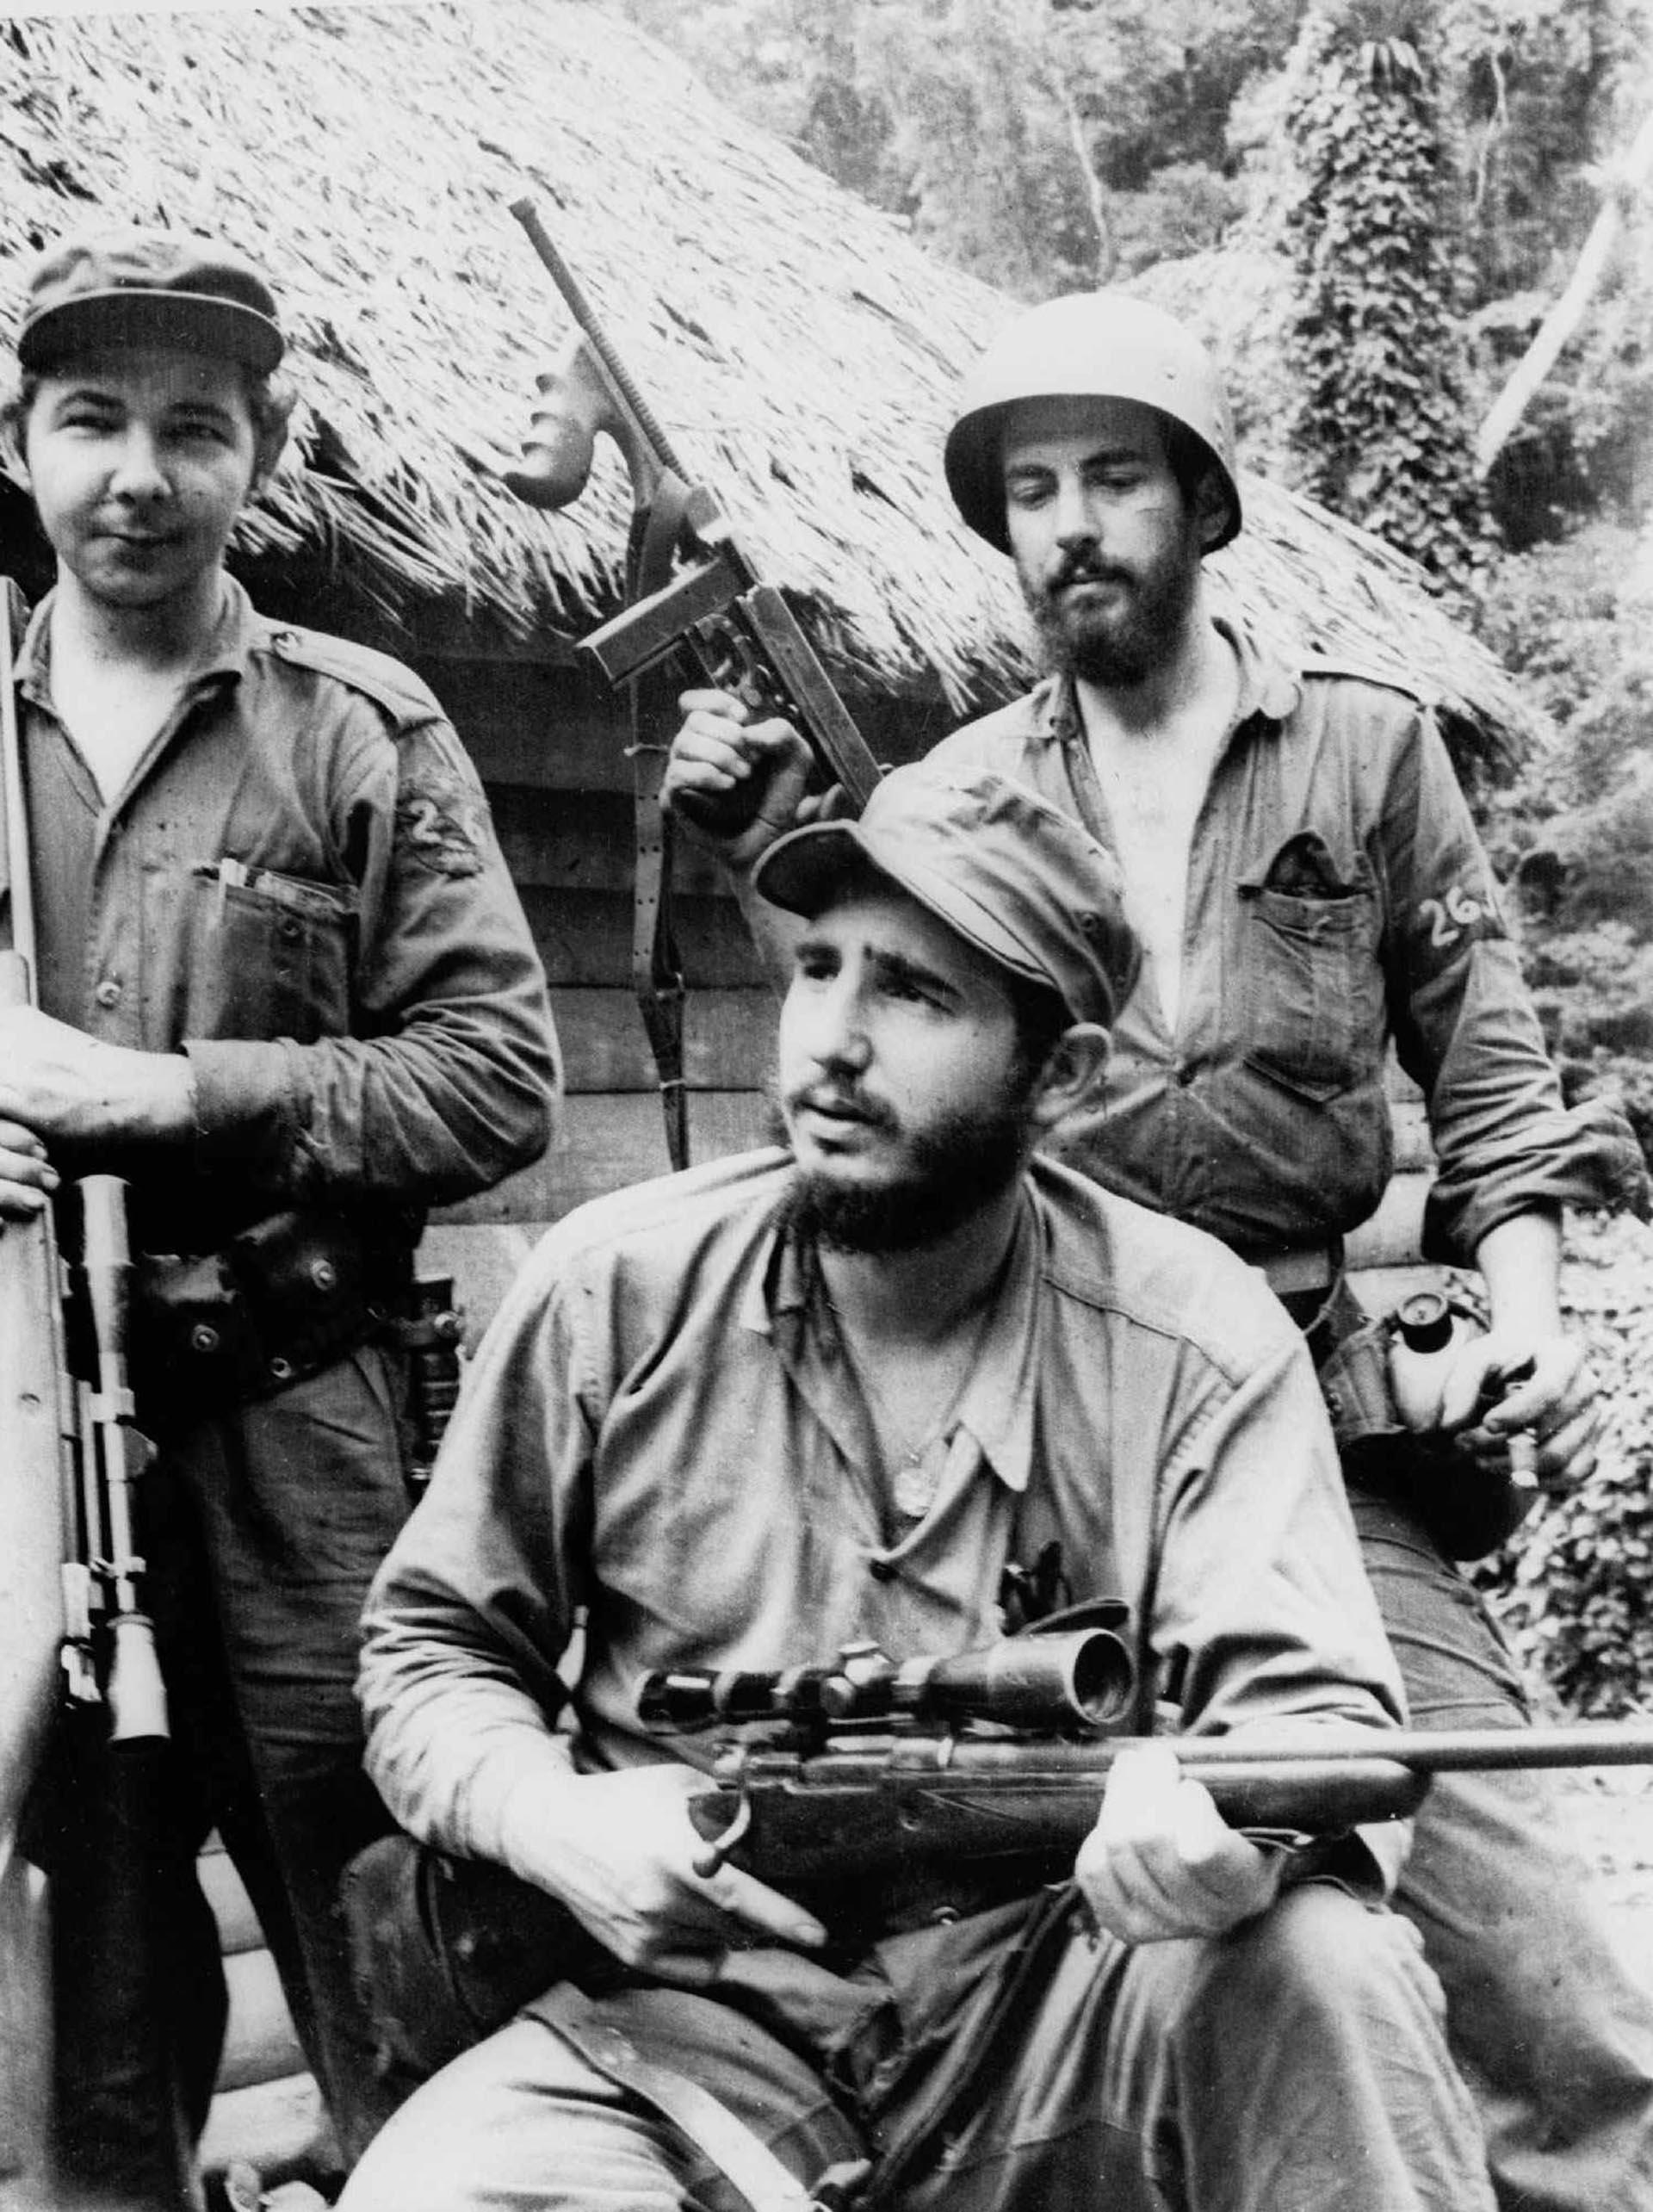 El joven Fidel Castro junto a su hermano Raúl y Camilo Cienfuegos, el 14 de marzo de 1957